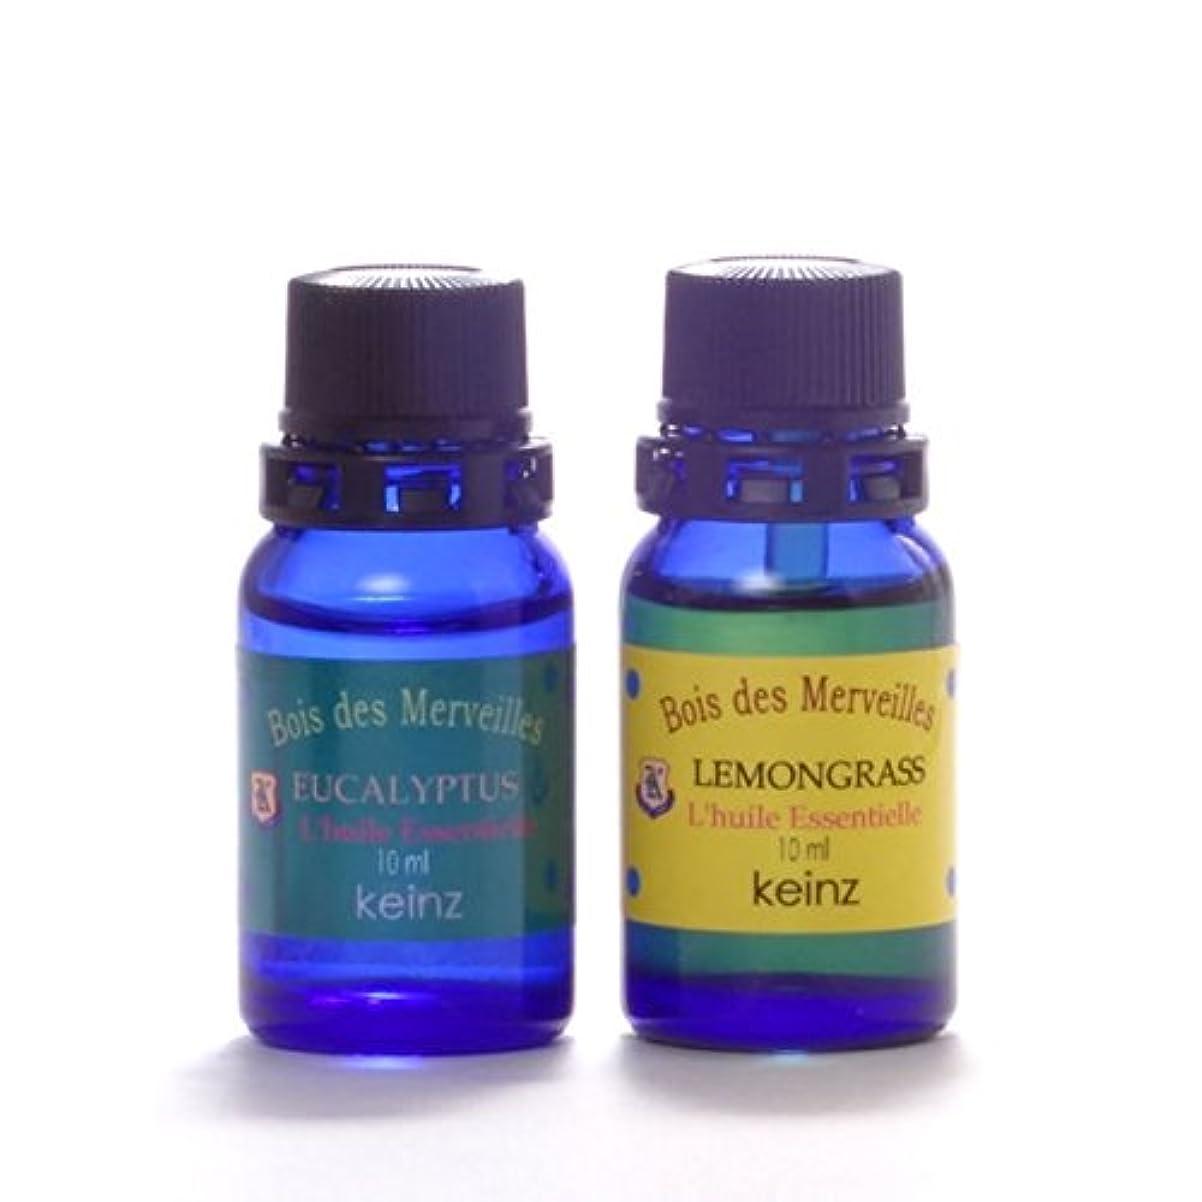 みがきます召喚する練習したkeinzエッセンシャルオイル「ユーカリプタス10ml&レモングラス10ml」2種1セット ケインズ正規品 製造国アメリカ 完全無添加 人工香料は使っていません。